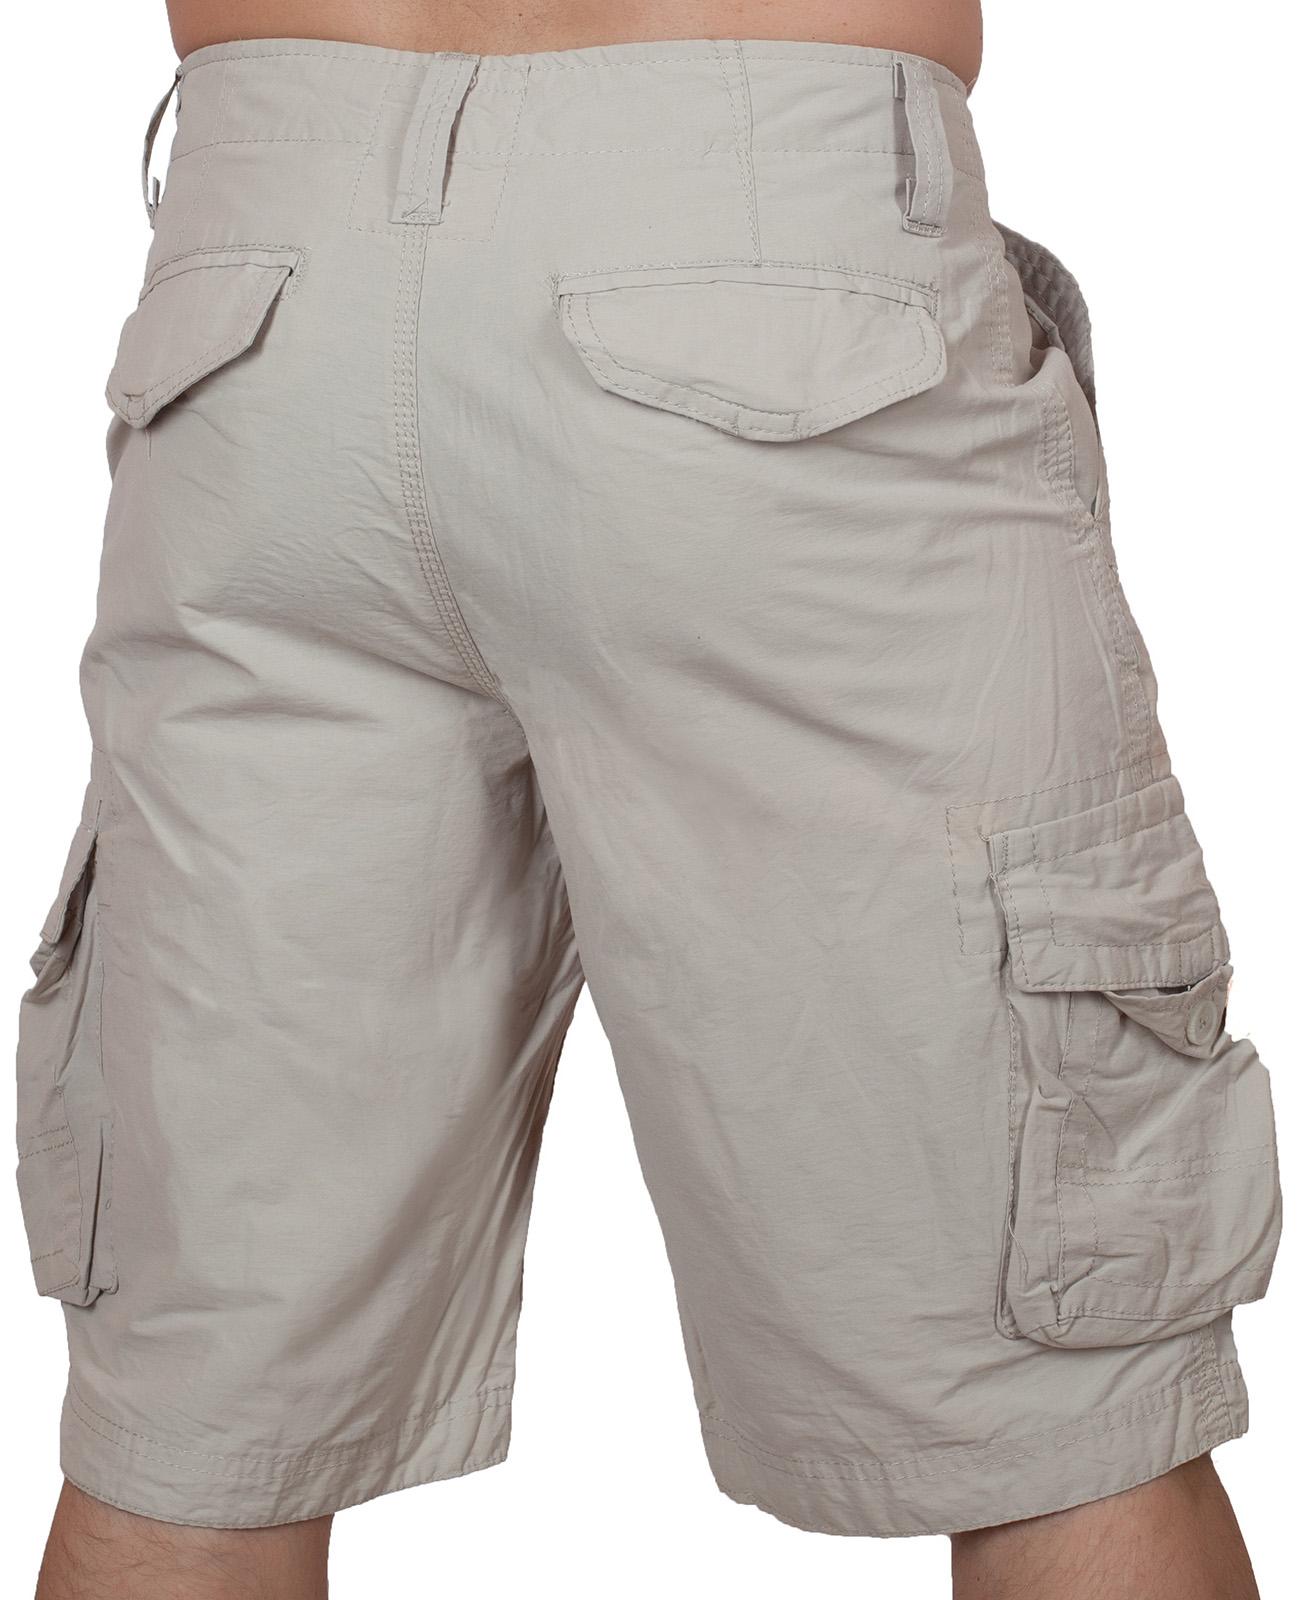 Классические светлые шорты карго от Urban Pipeline по выгодной цене